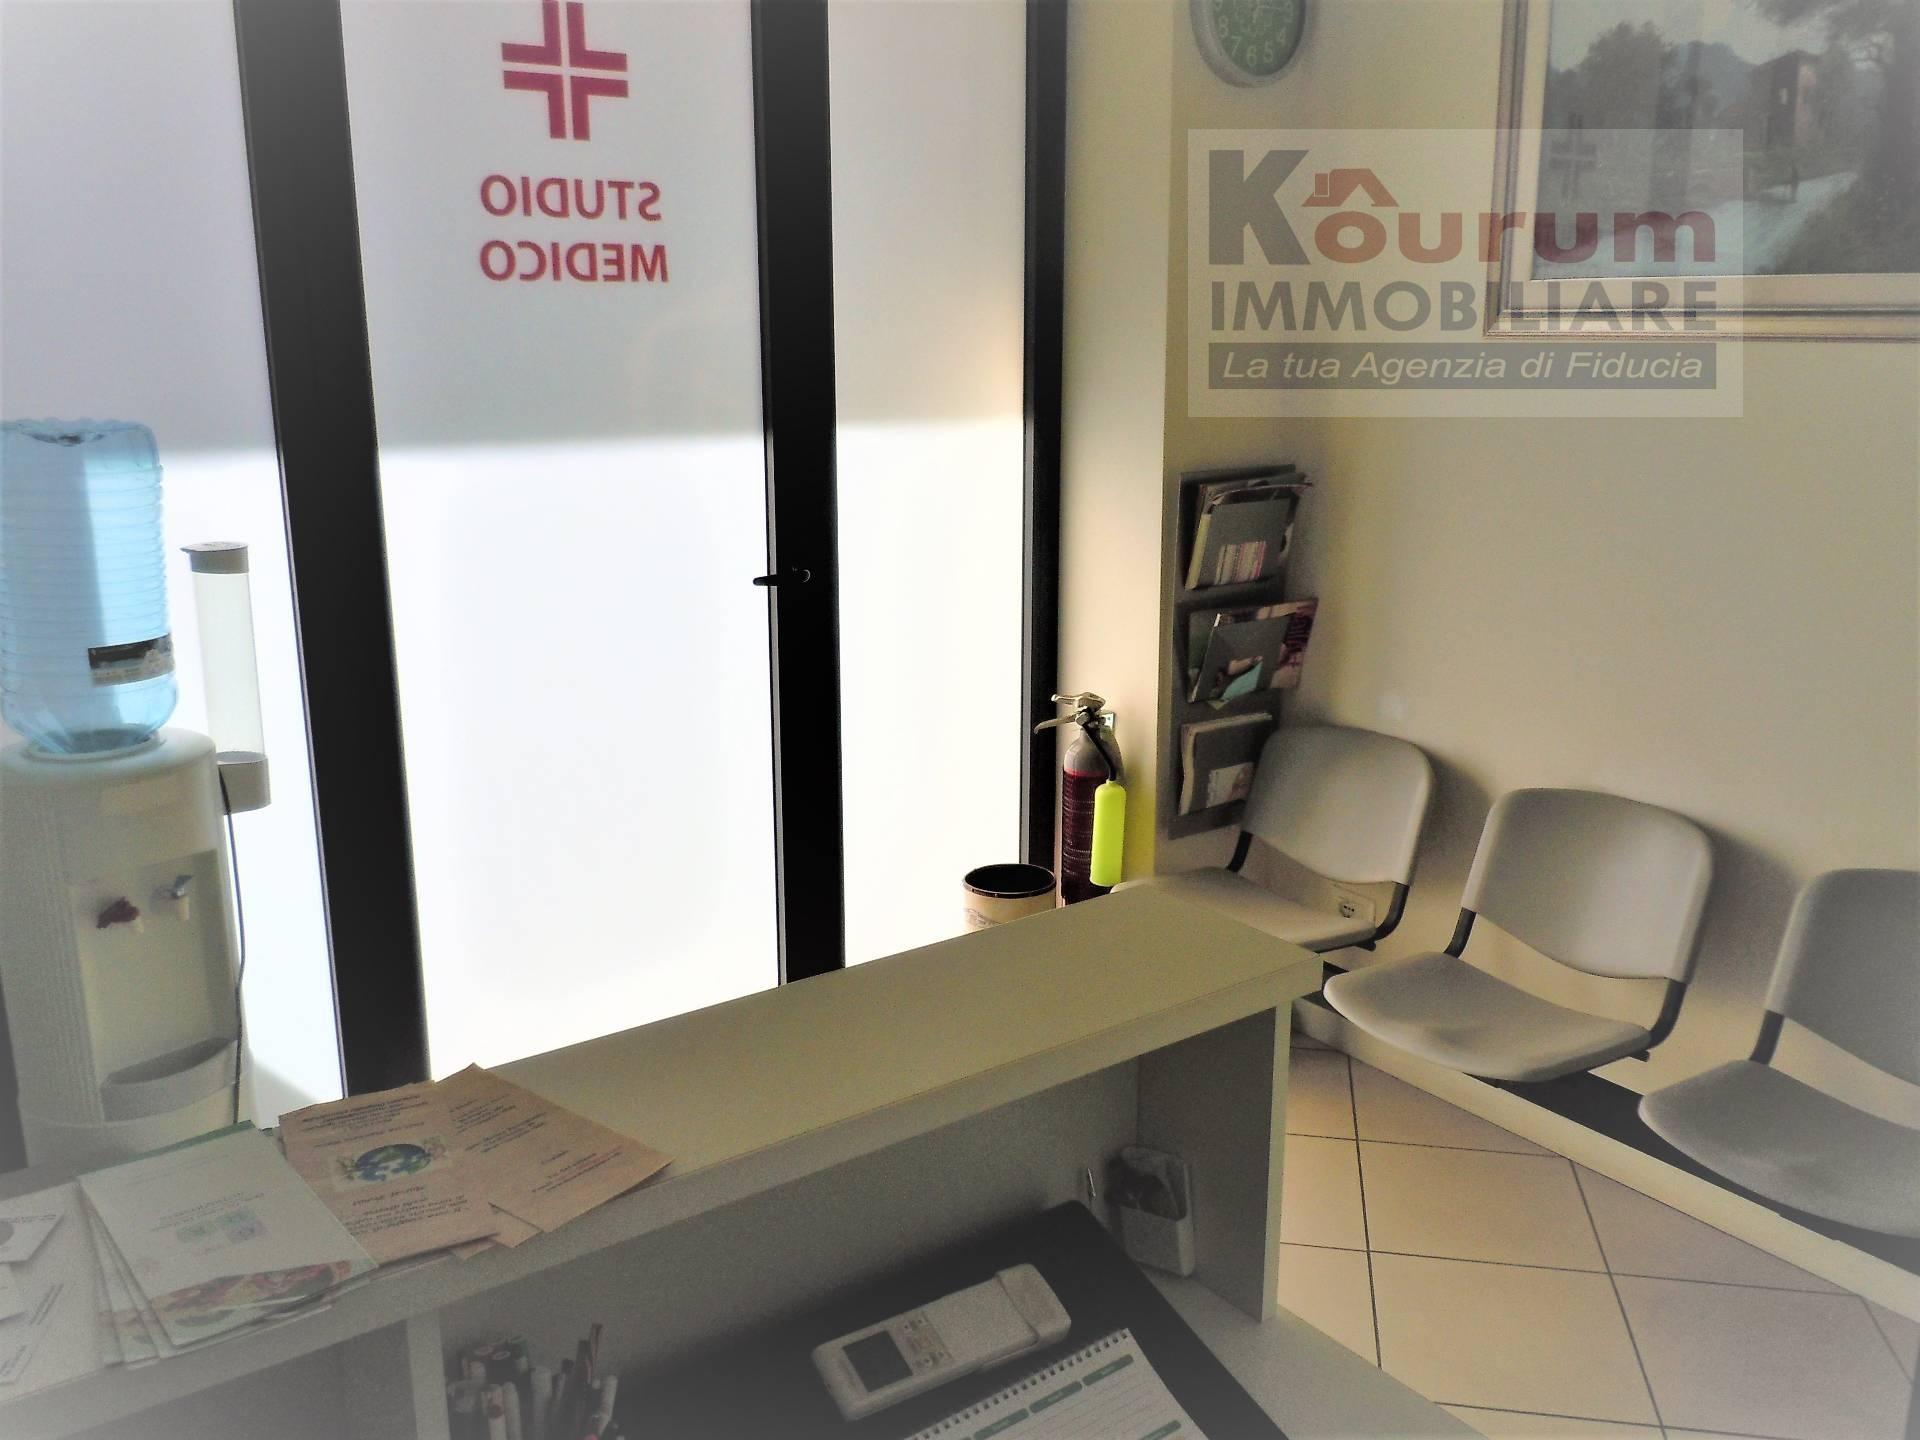 Ufficio / Studio in vendita a Ciampino, 9999 locali, zona Località: Kennedy, prezzo € 229.000 | CambioCasa.it